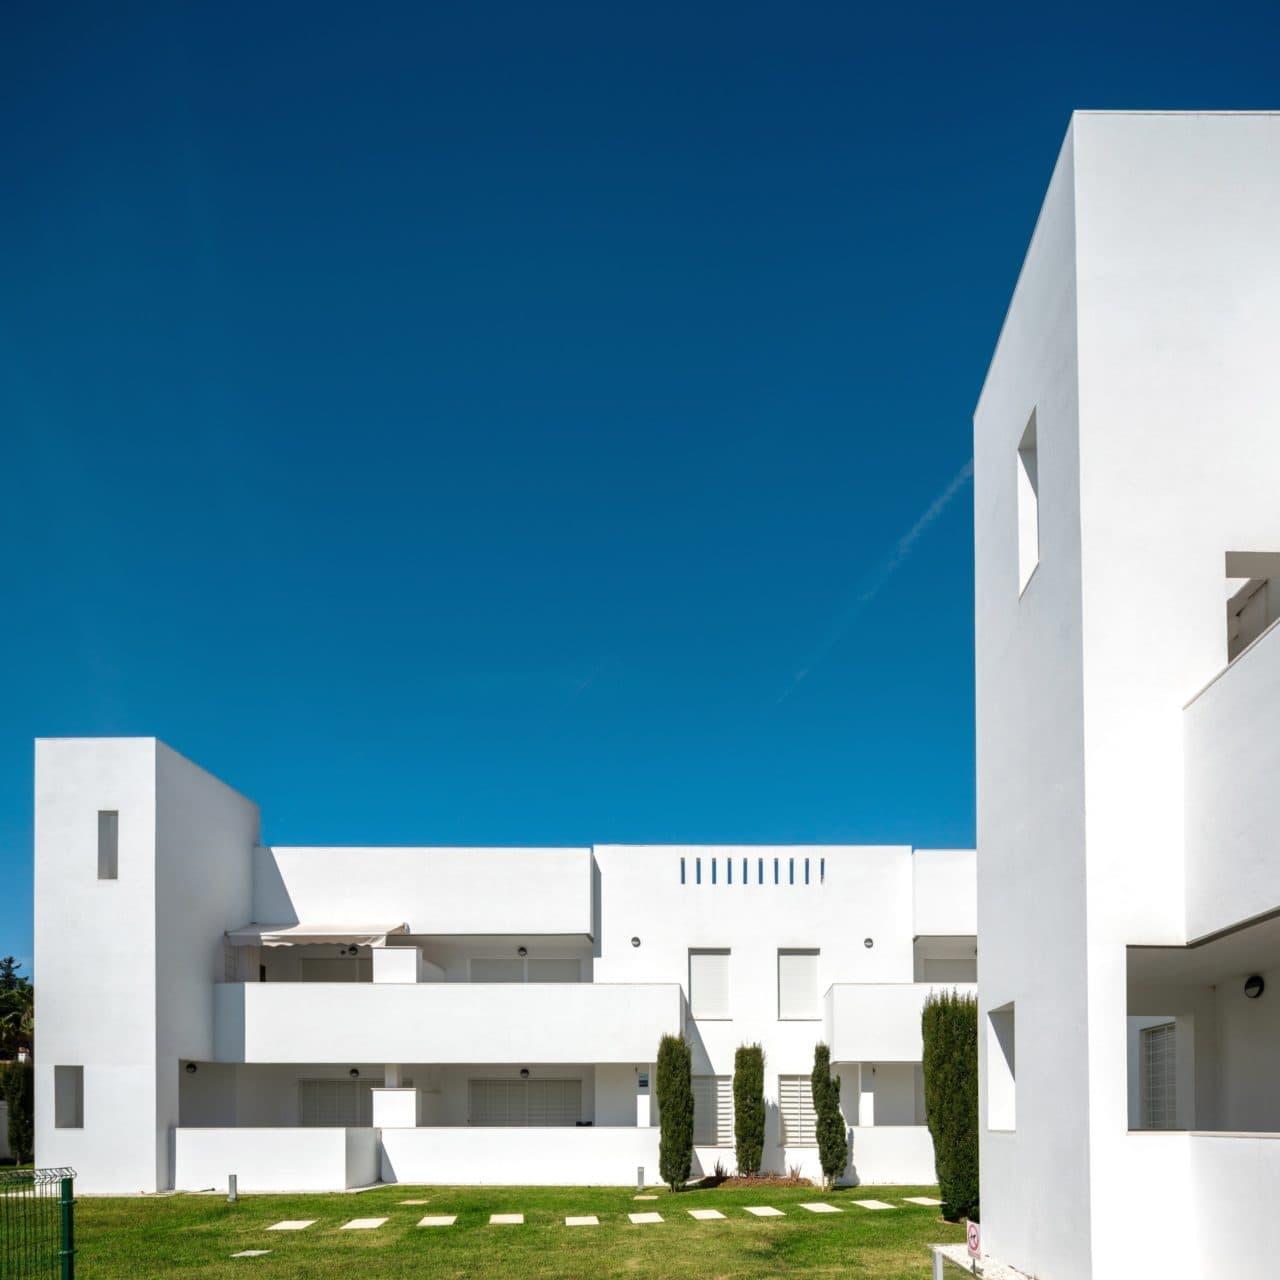 Composición de varias viviendas vistas desde una de las zonas comunes ajardinadas